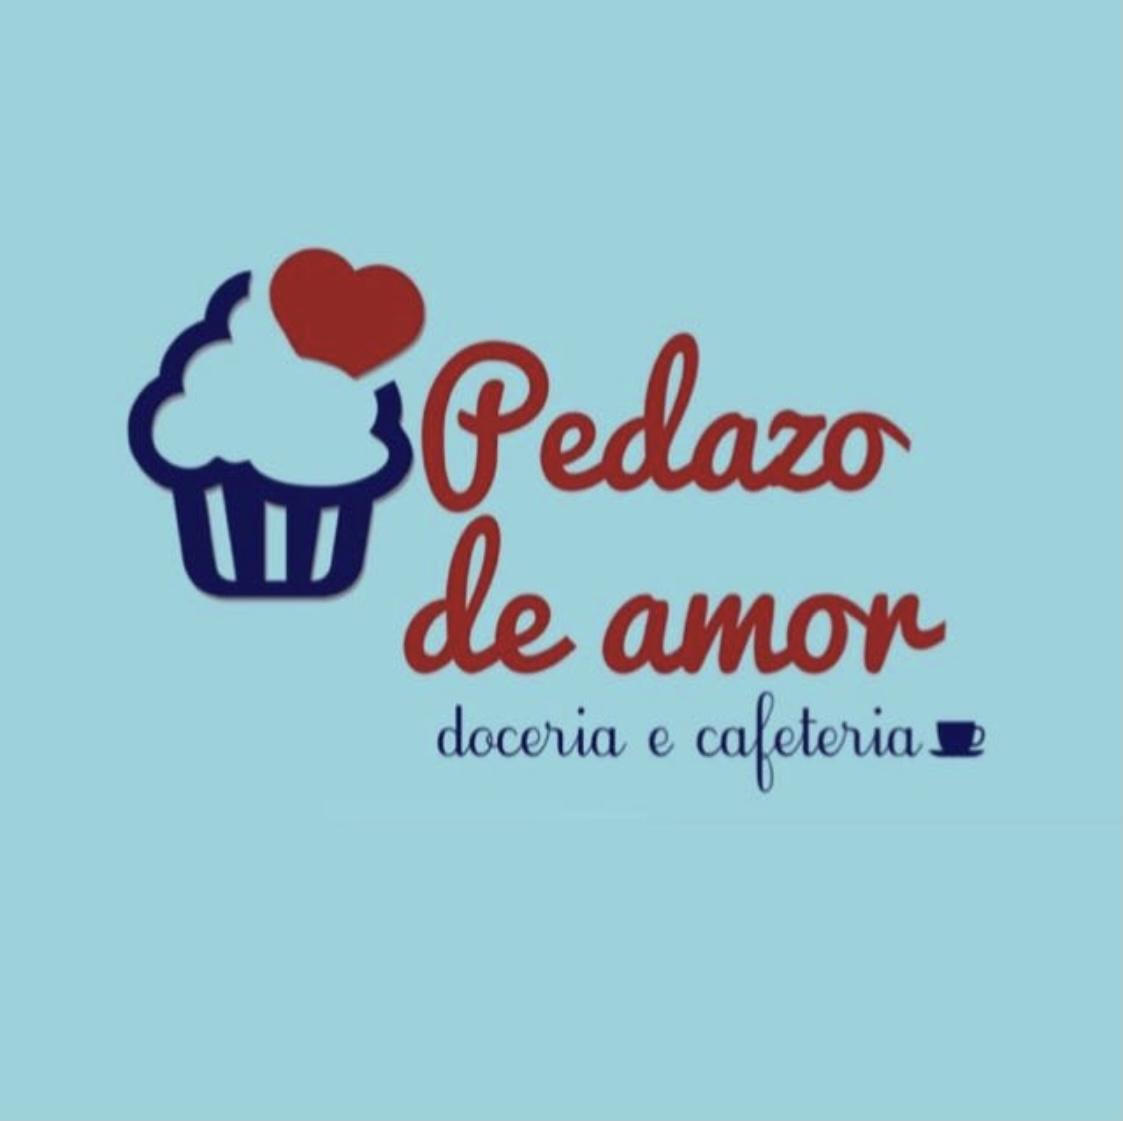 Pedazo De Amor Doceria e Cafeteria